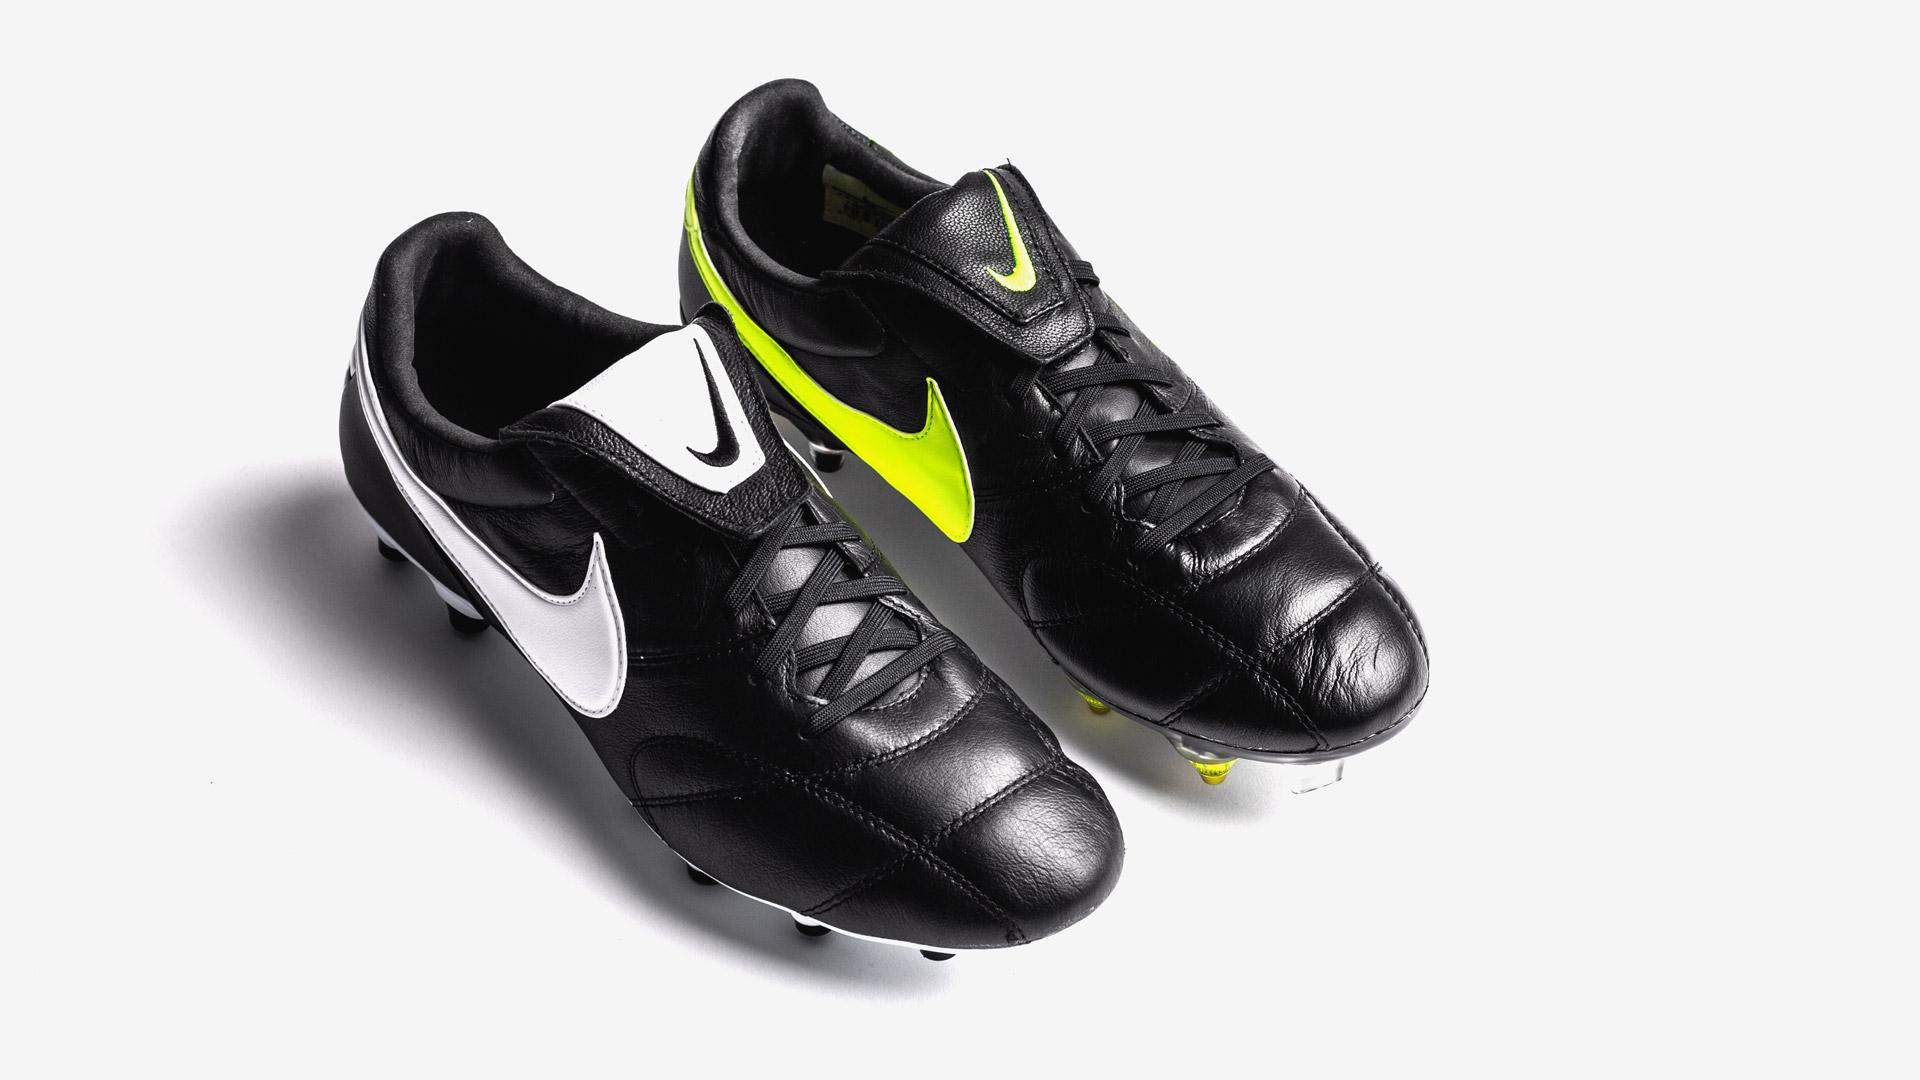 size 40 0945b 3d58c Les Nike Premier 2 en version Anti-Clog révélées